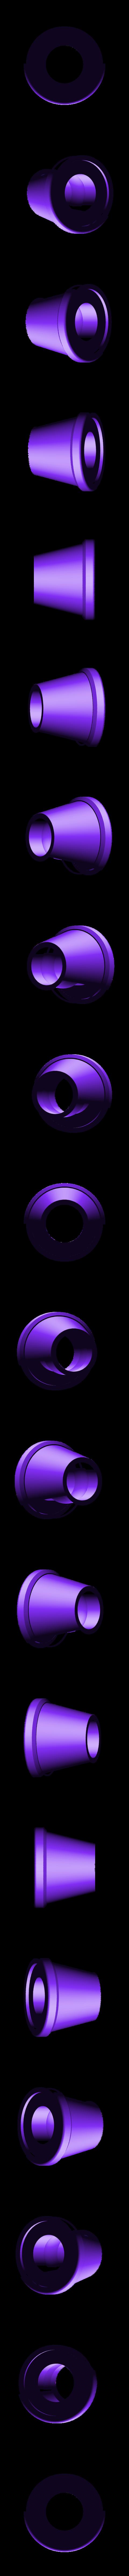 Dual_Extruder_only_groot.stl Télécharger fichier STL gratuit Groot dansant • Design pour impression 3D, Tarnliare